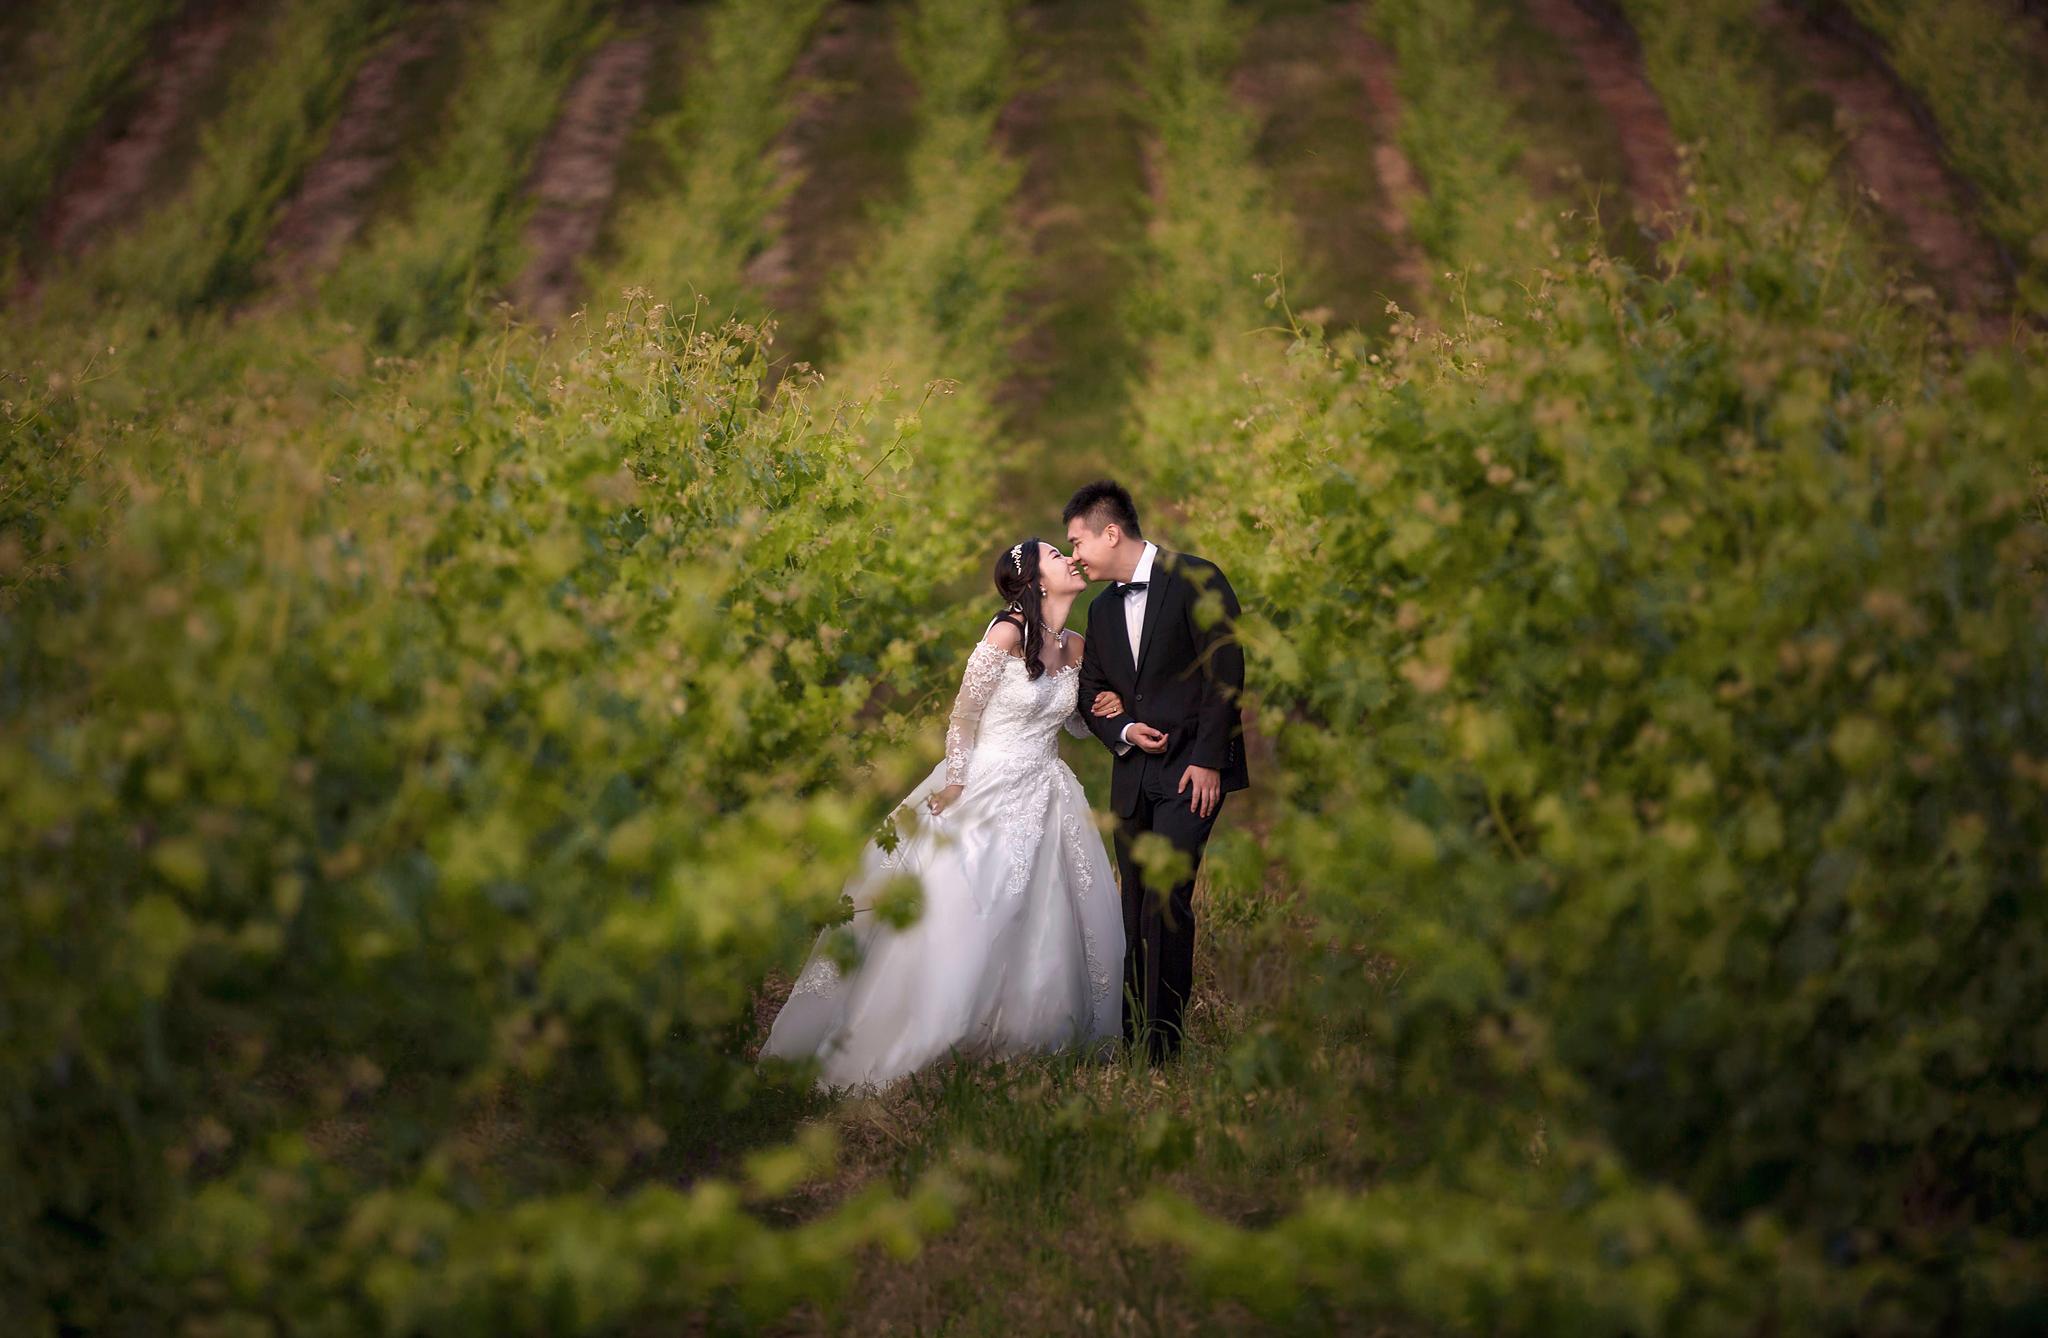 SUMMER AND HANYANG'S WEDDING